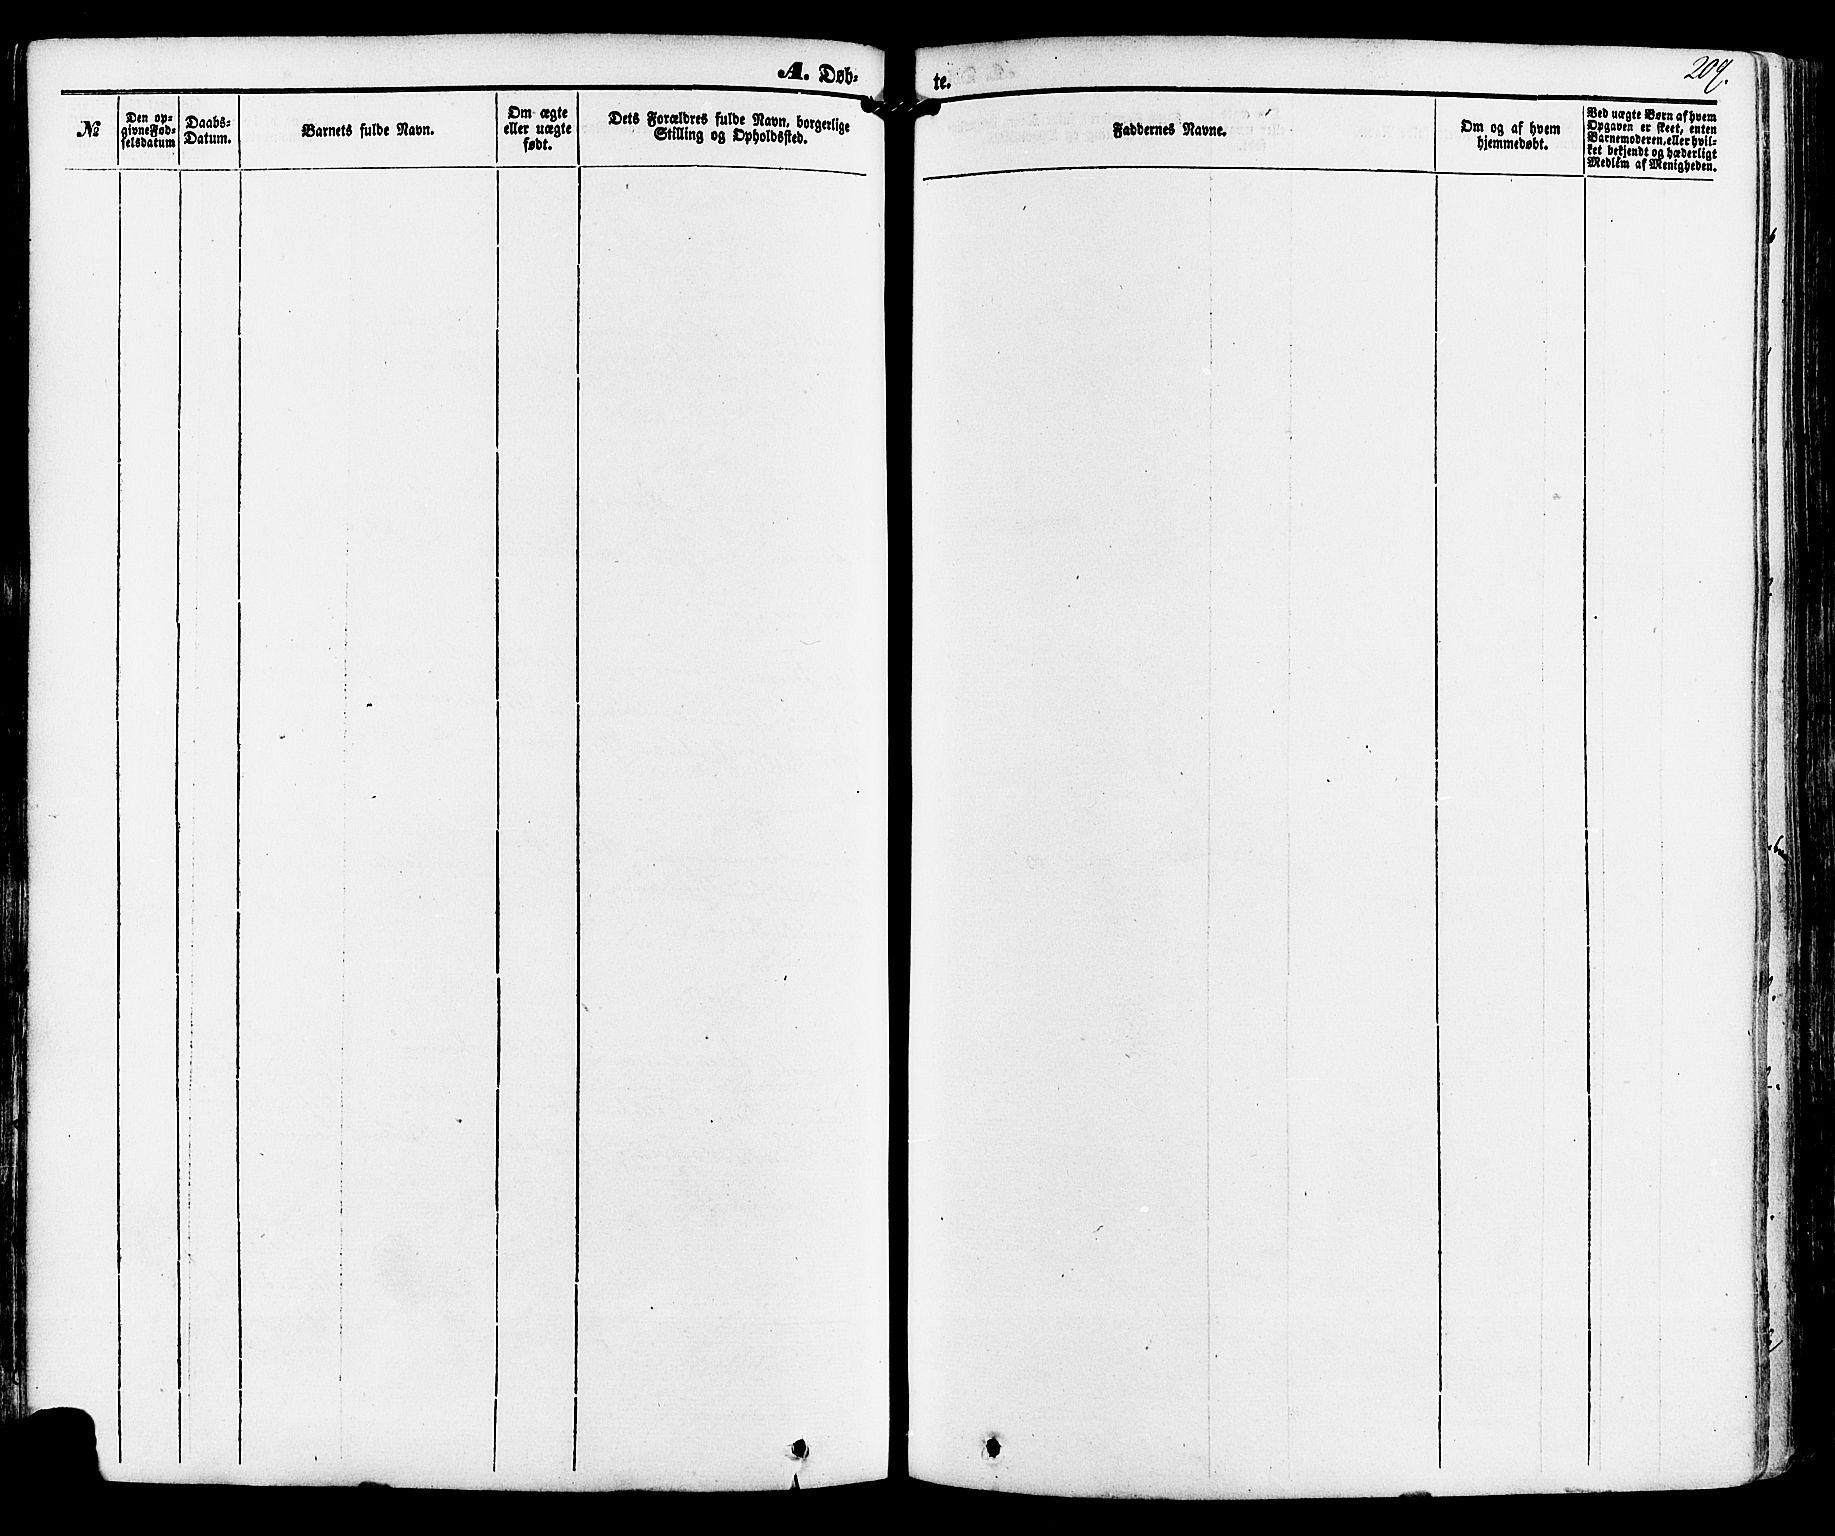 SAKO, Kviteseid kirkebøker, F/Fa/L0007: Ministerialbok nr. I 7, 1859-1881, s. 209